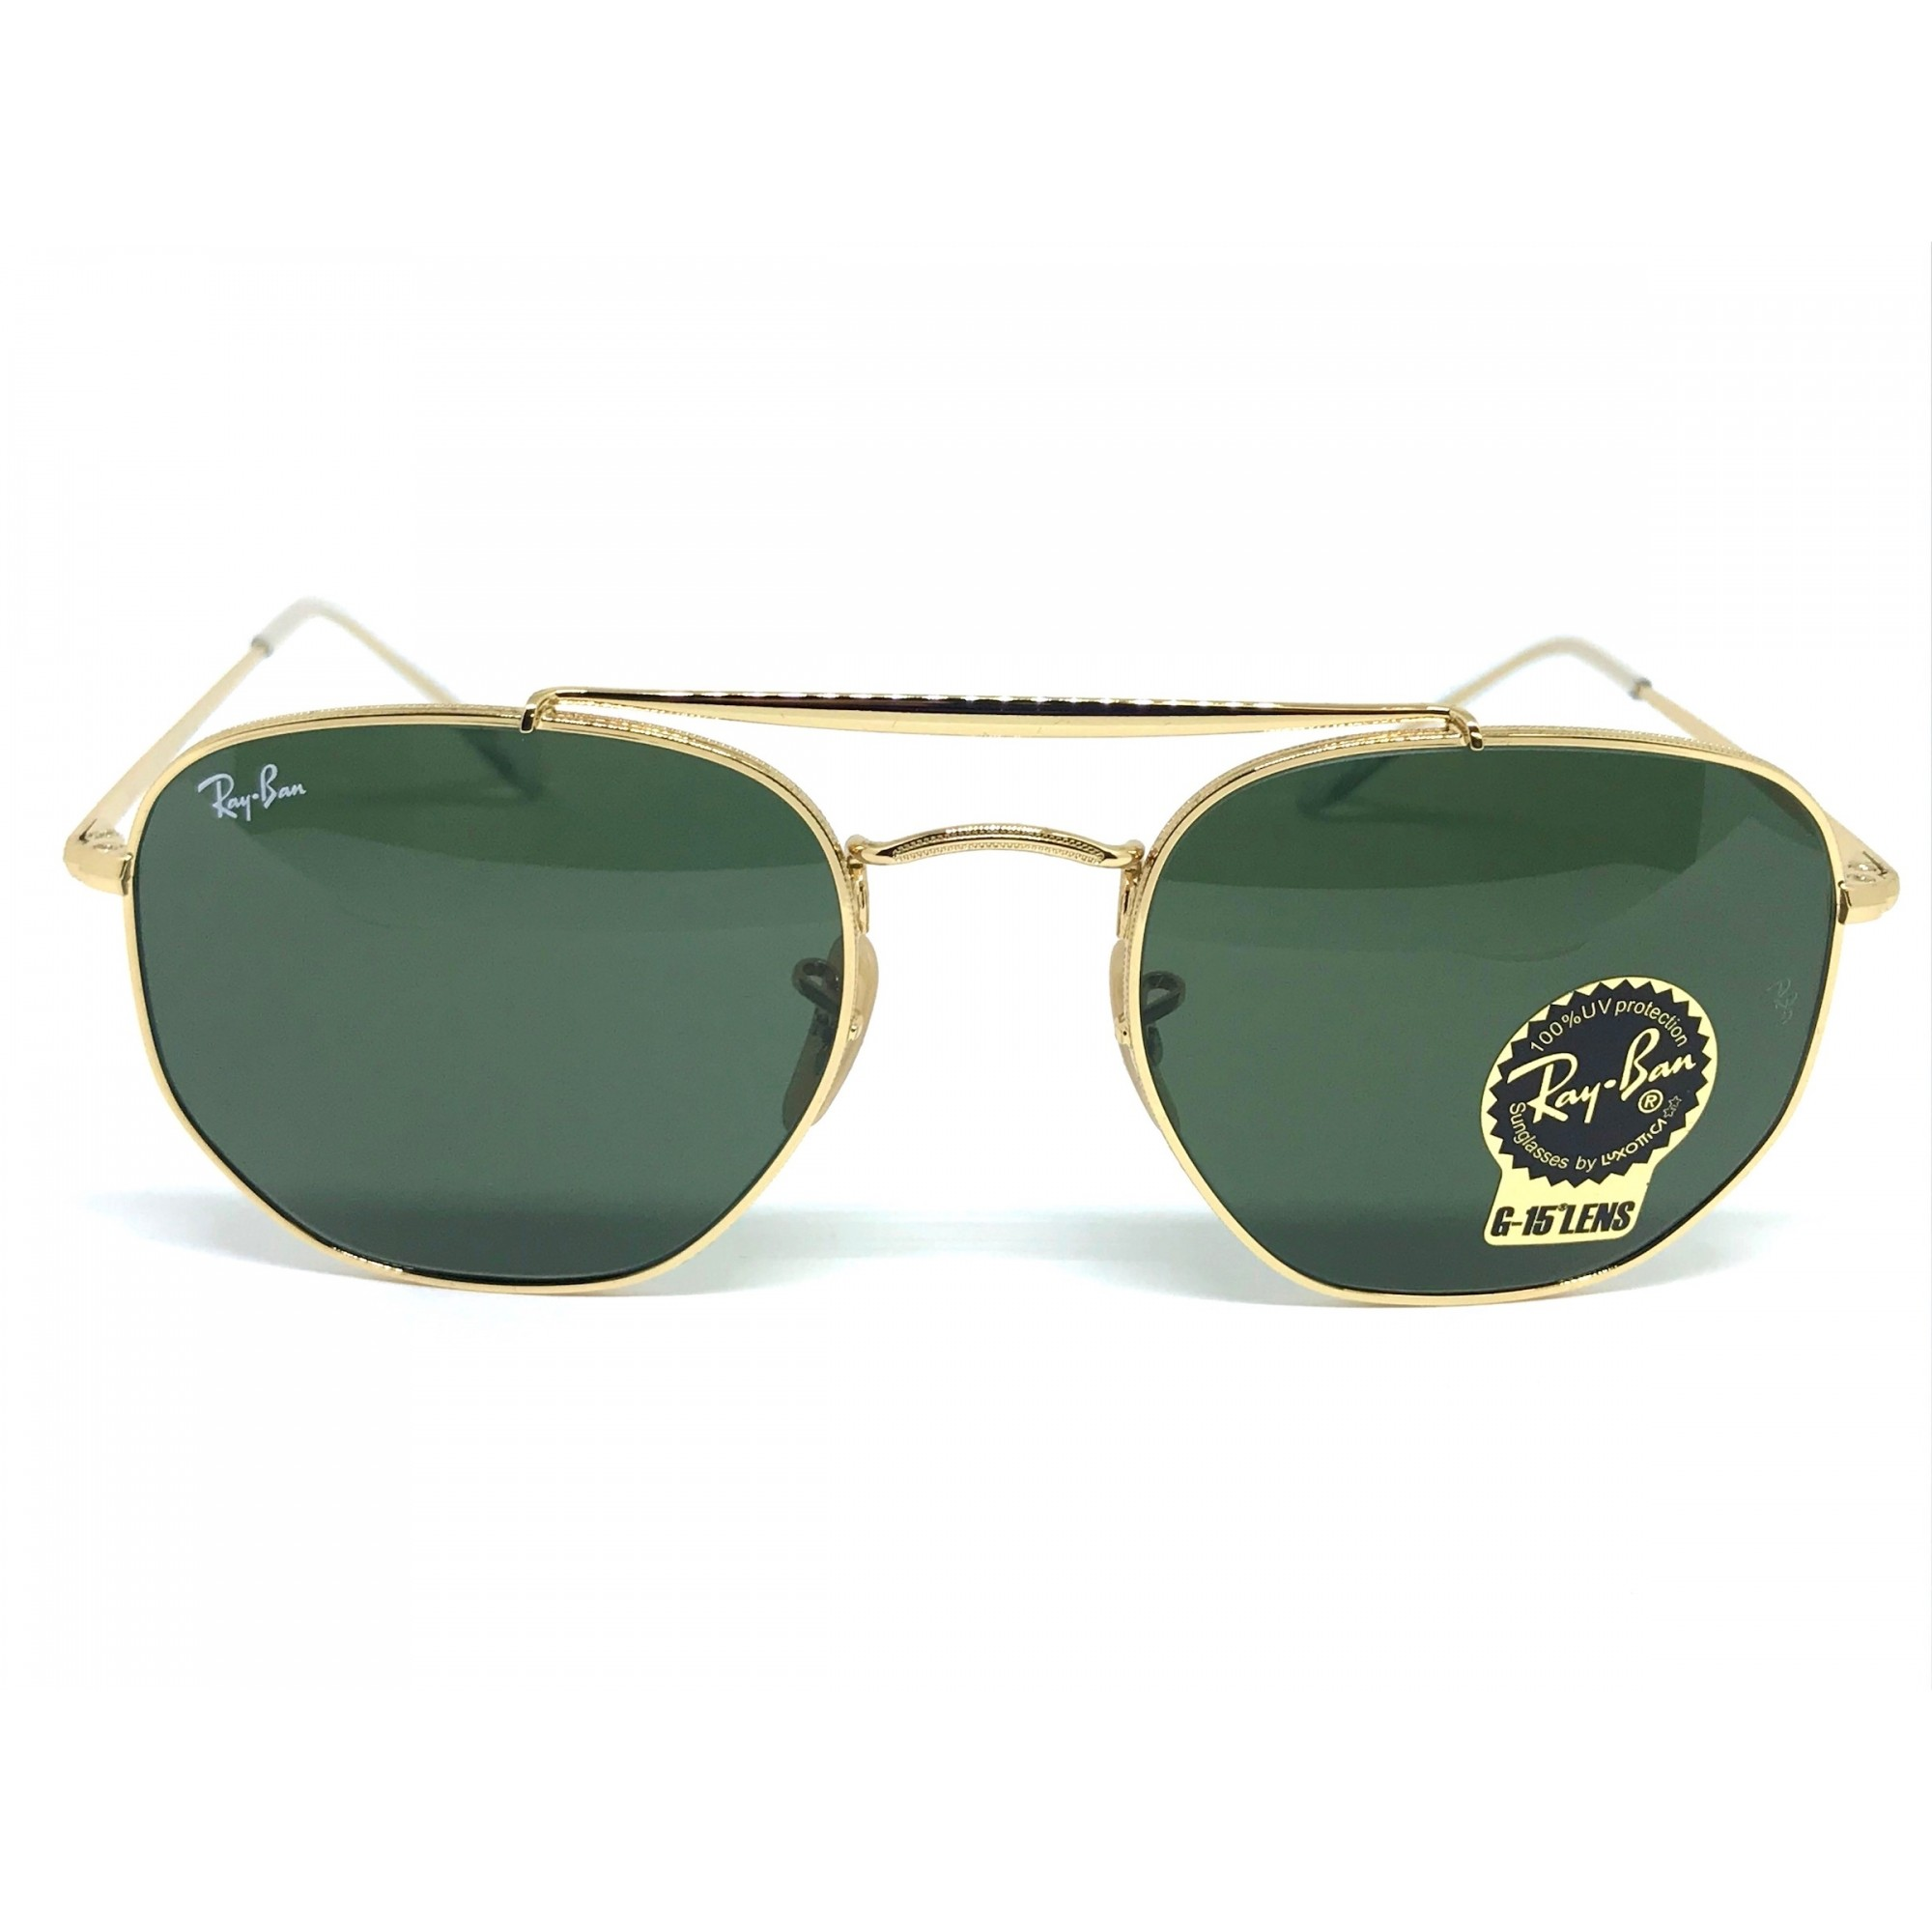 a221acedee617 Oculos de sol RAY BAN Marshal RB3648 001 54